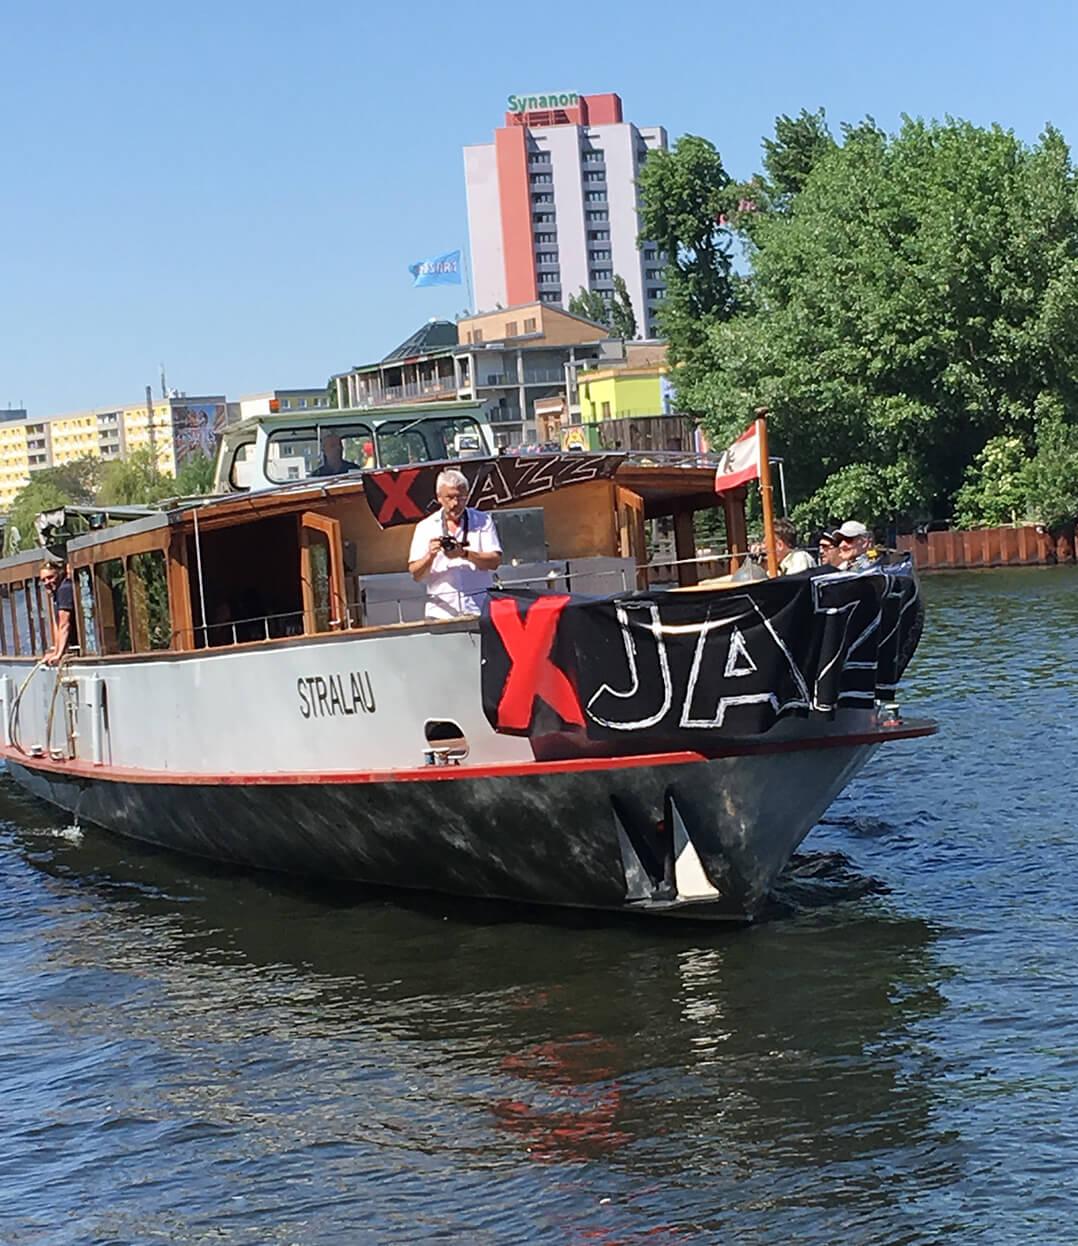 XJAZZ Blueboat